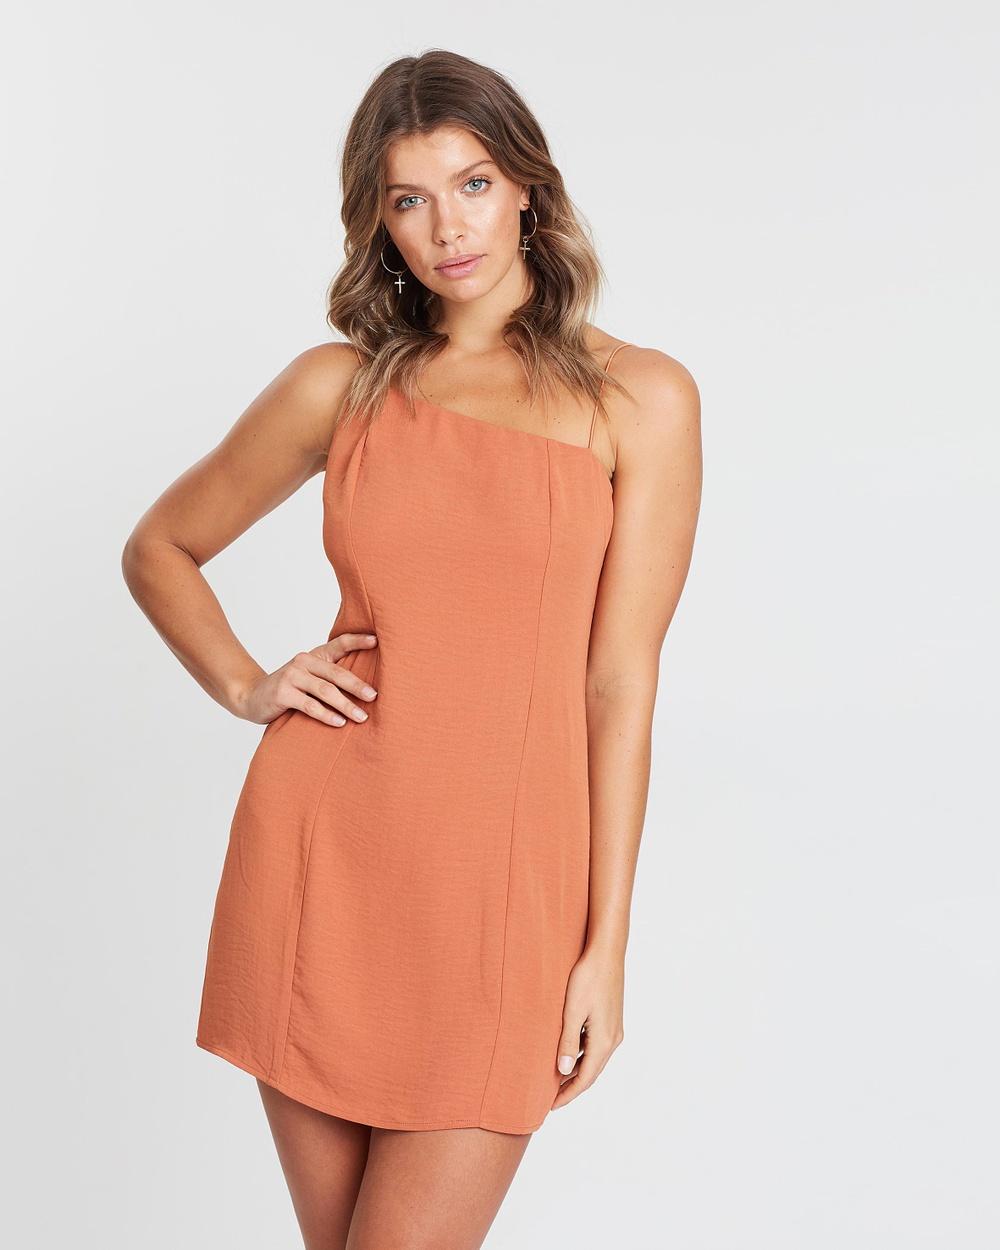 Toby Heart Ginger Burnt Orange Simply Sweet Dress